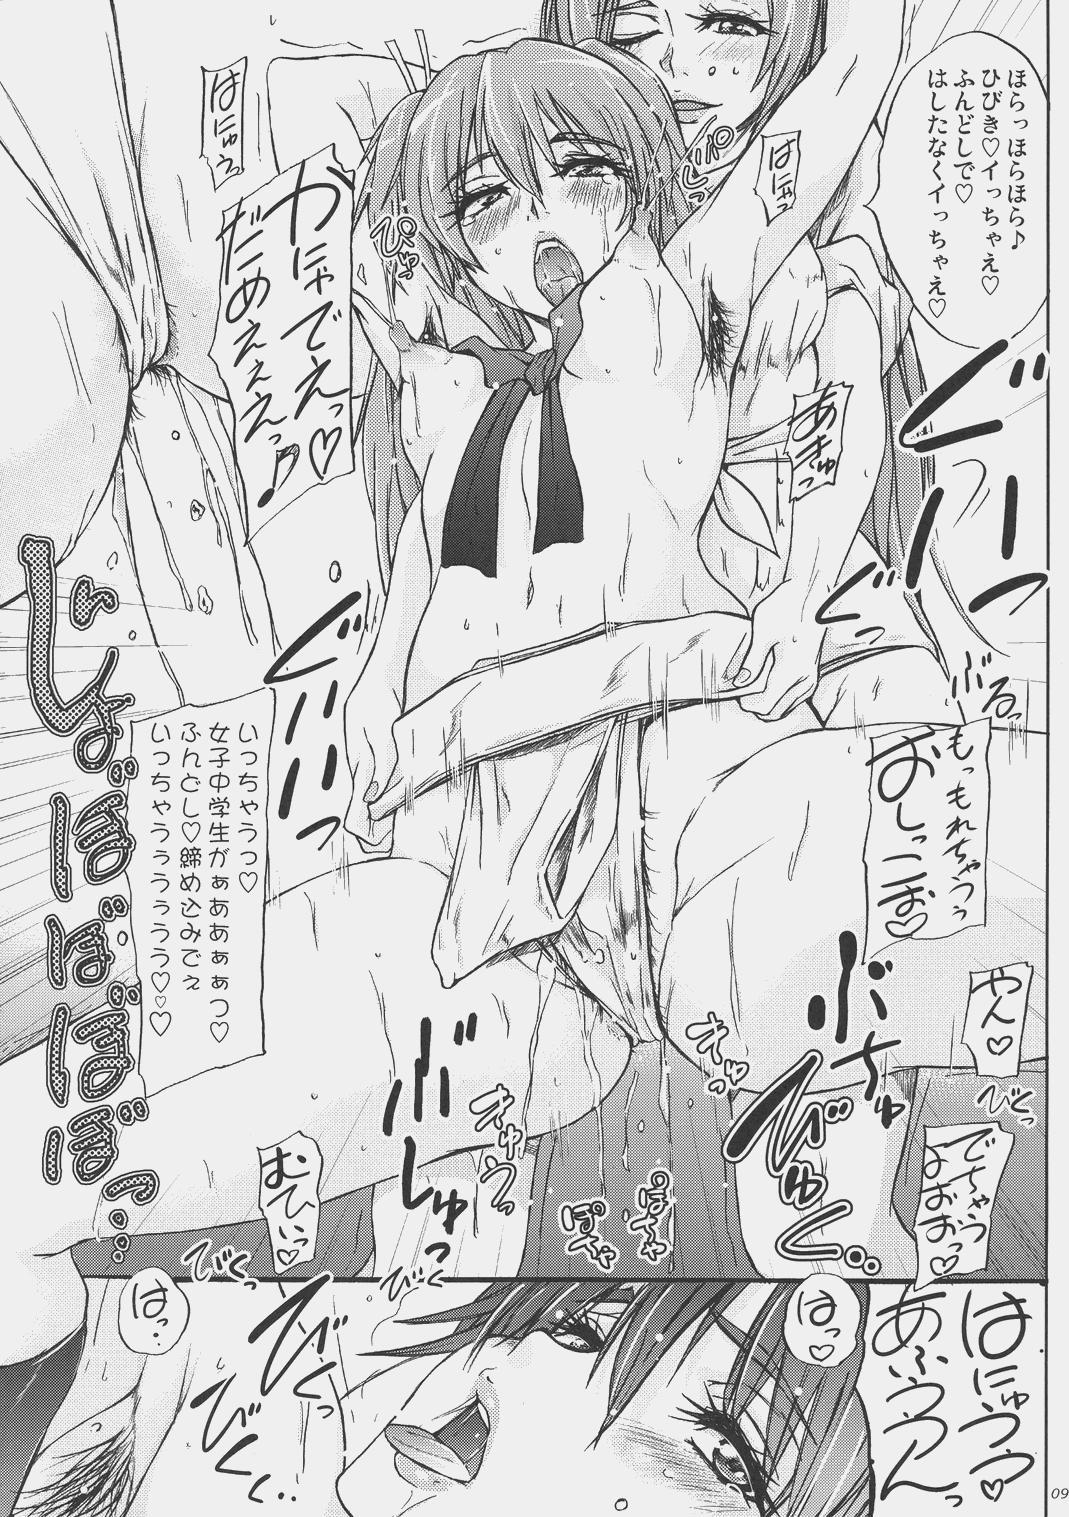 Keiyakusuru nara Anshin to Jisseki no TO-A Mahou Shoujo wo 9